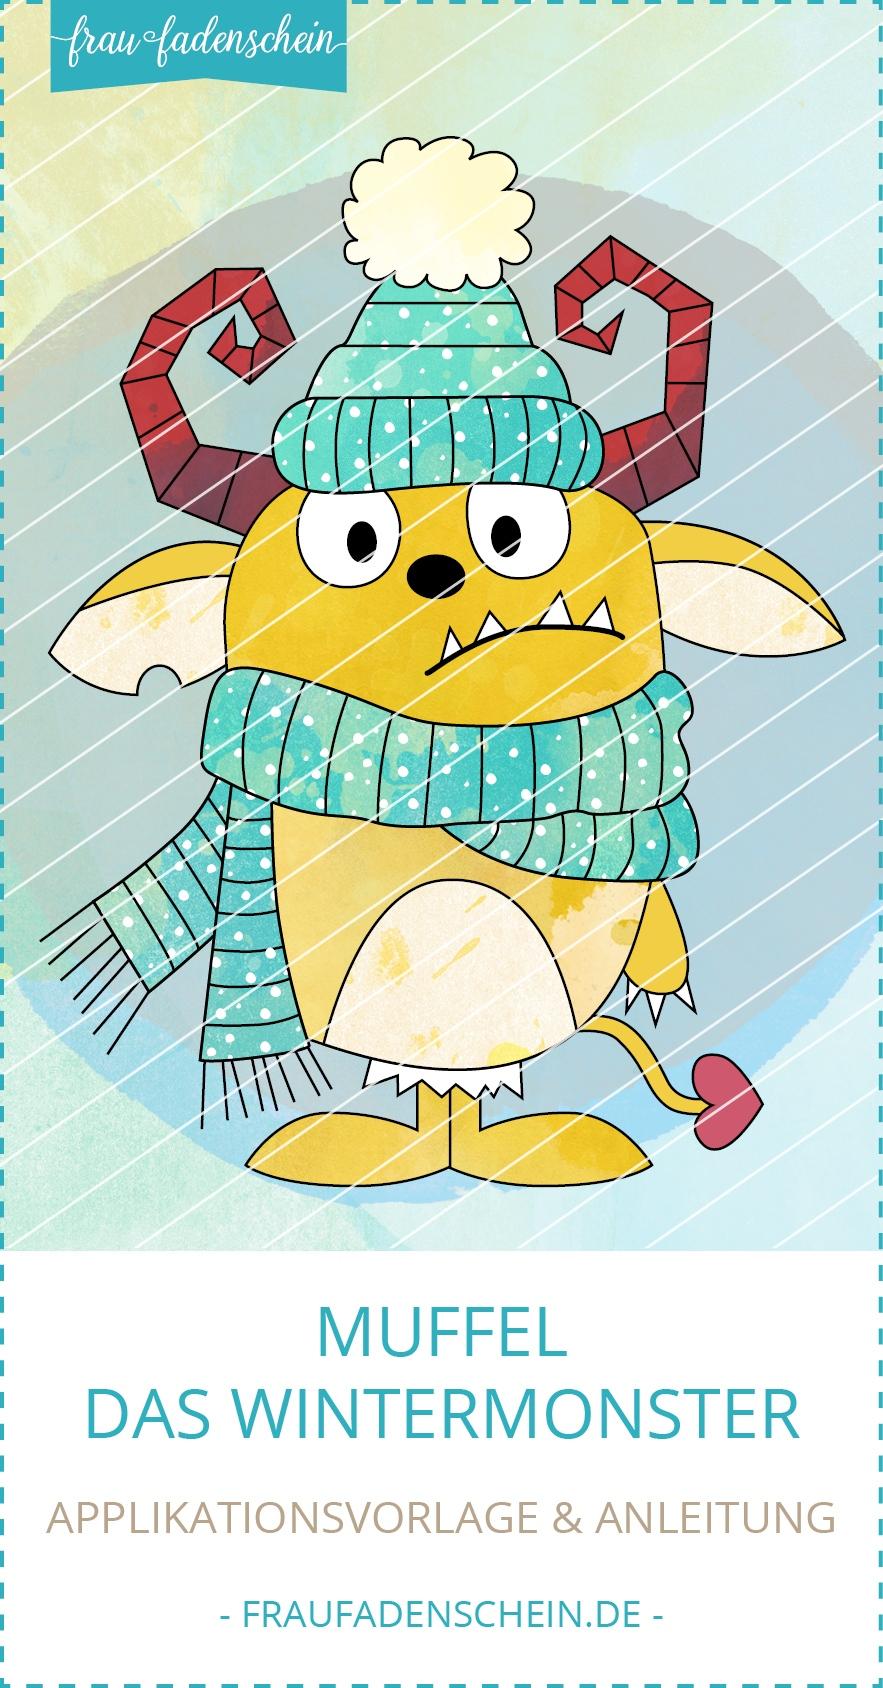 Applikationsvorlage Muffel - das Wintermonster